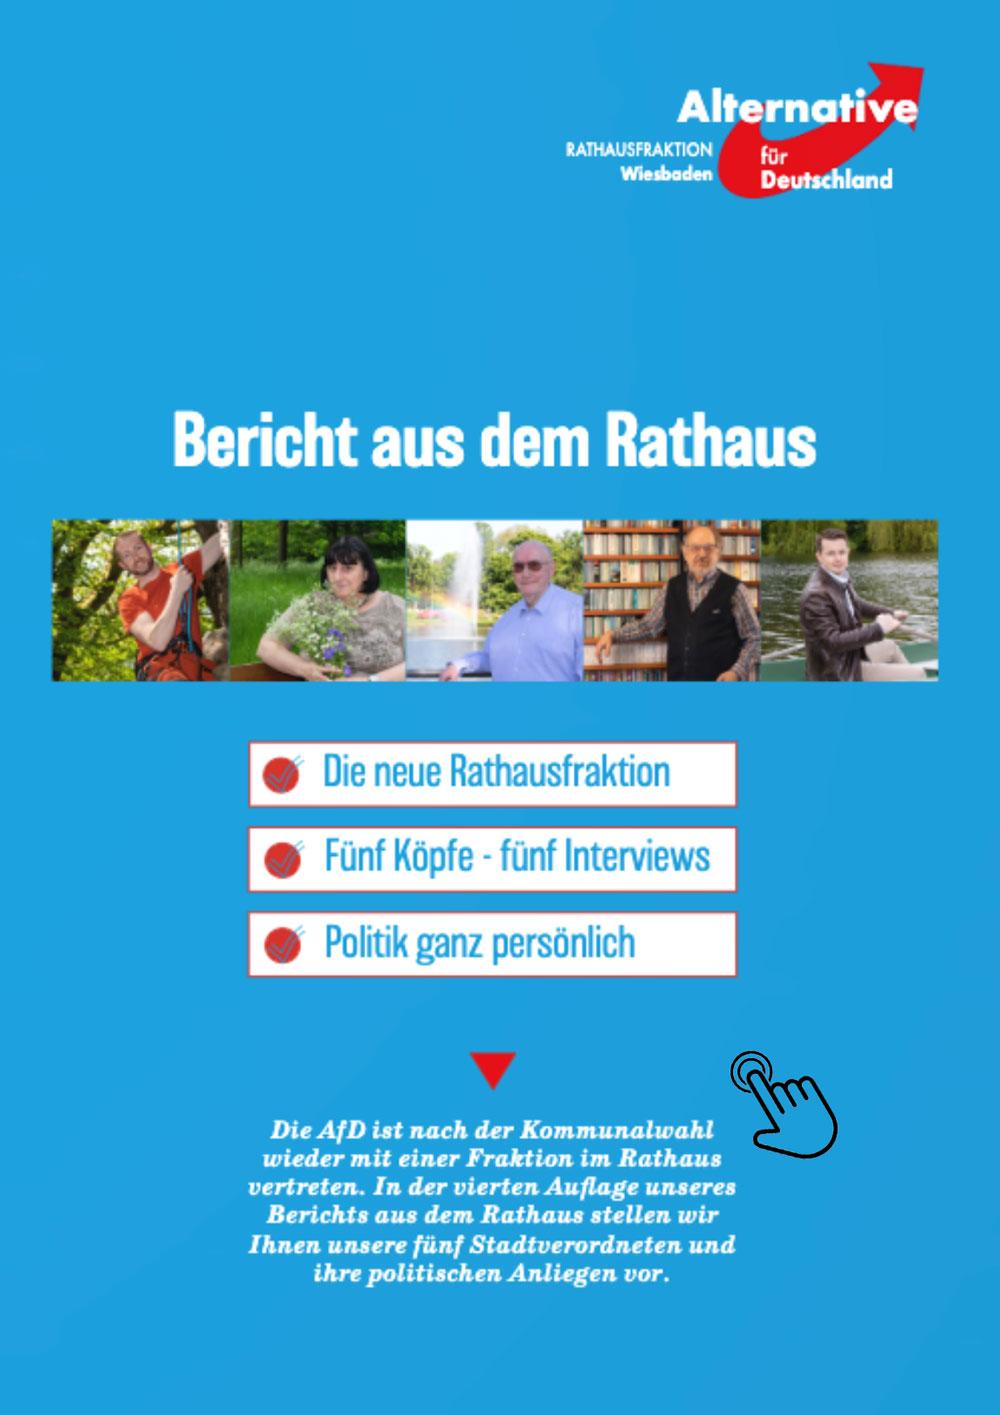 Bericht aus dem Rathaus 2021 AfD Wiesbaden